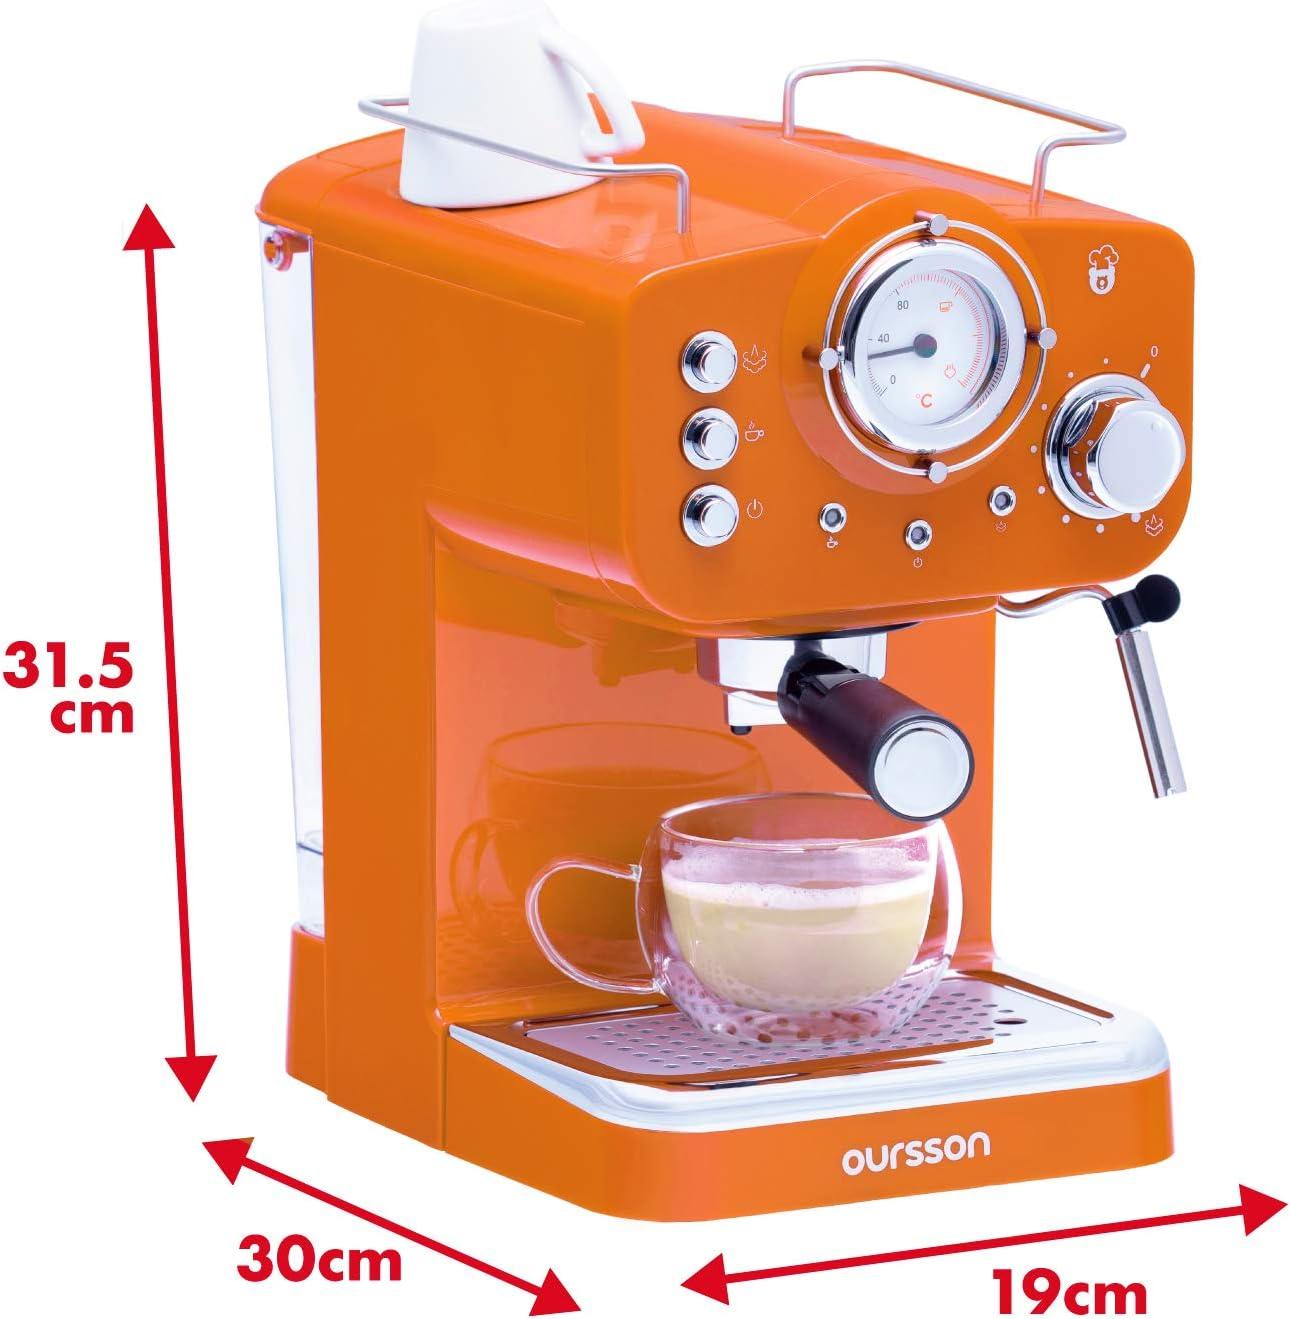 Oursson Máquina de Café Espresso - Cappuccino, Retro, 15 Bares, Vaporizador Orientable, Capacidad 1.25 l, Café Molido, EM1500 Serie (Naranja): Amazon.es: Hogar